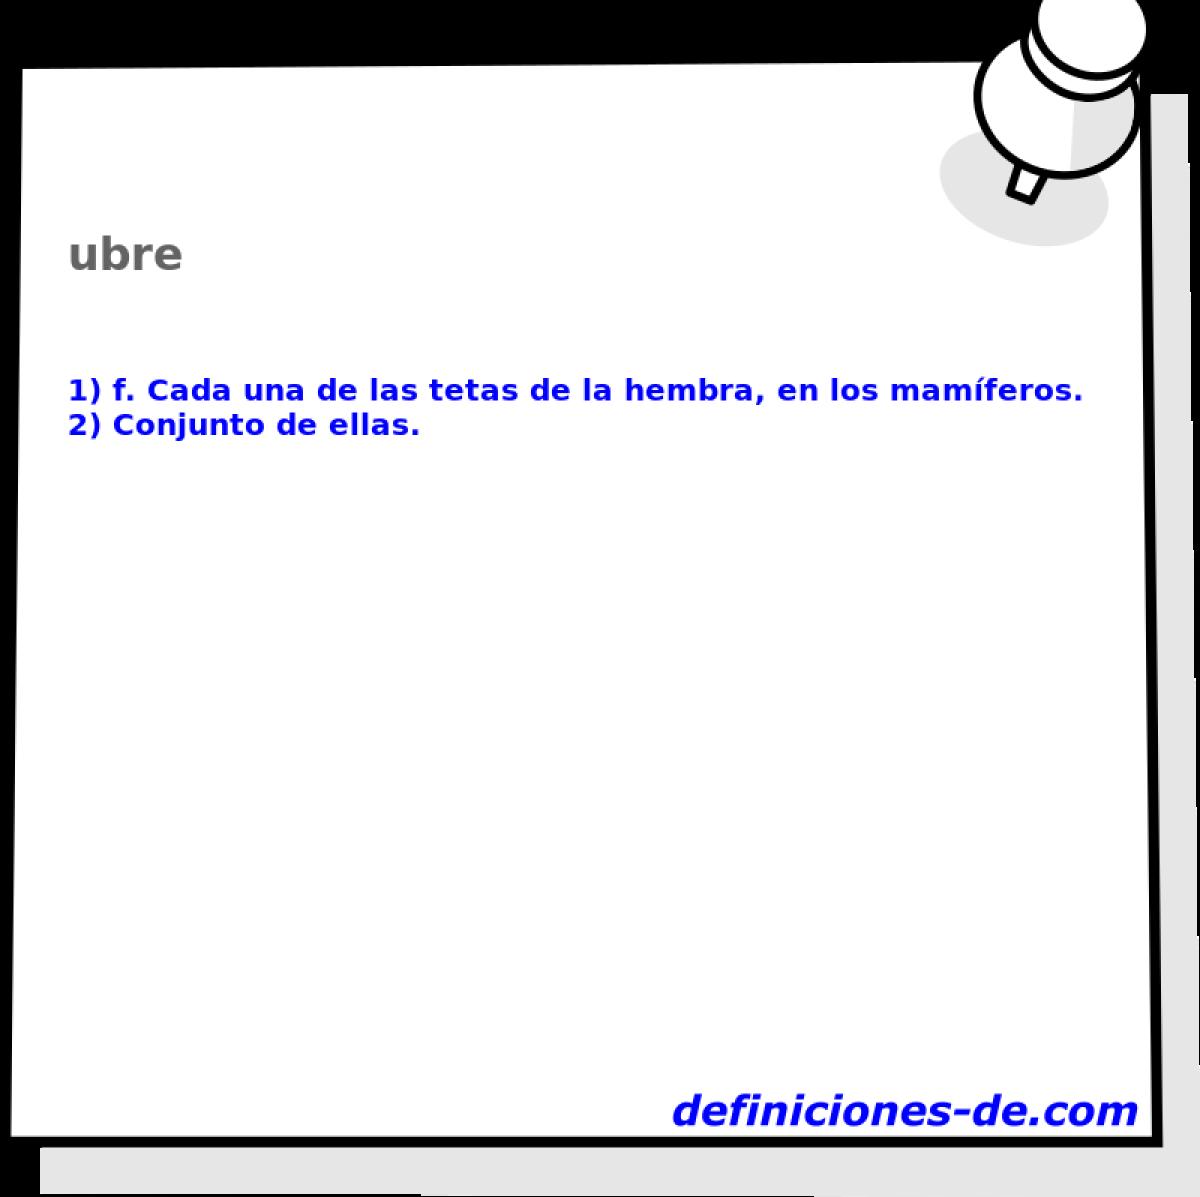 Qué significa Ubre?